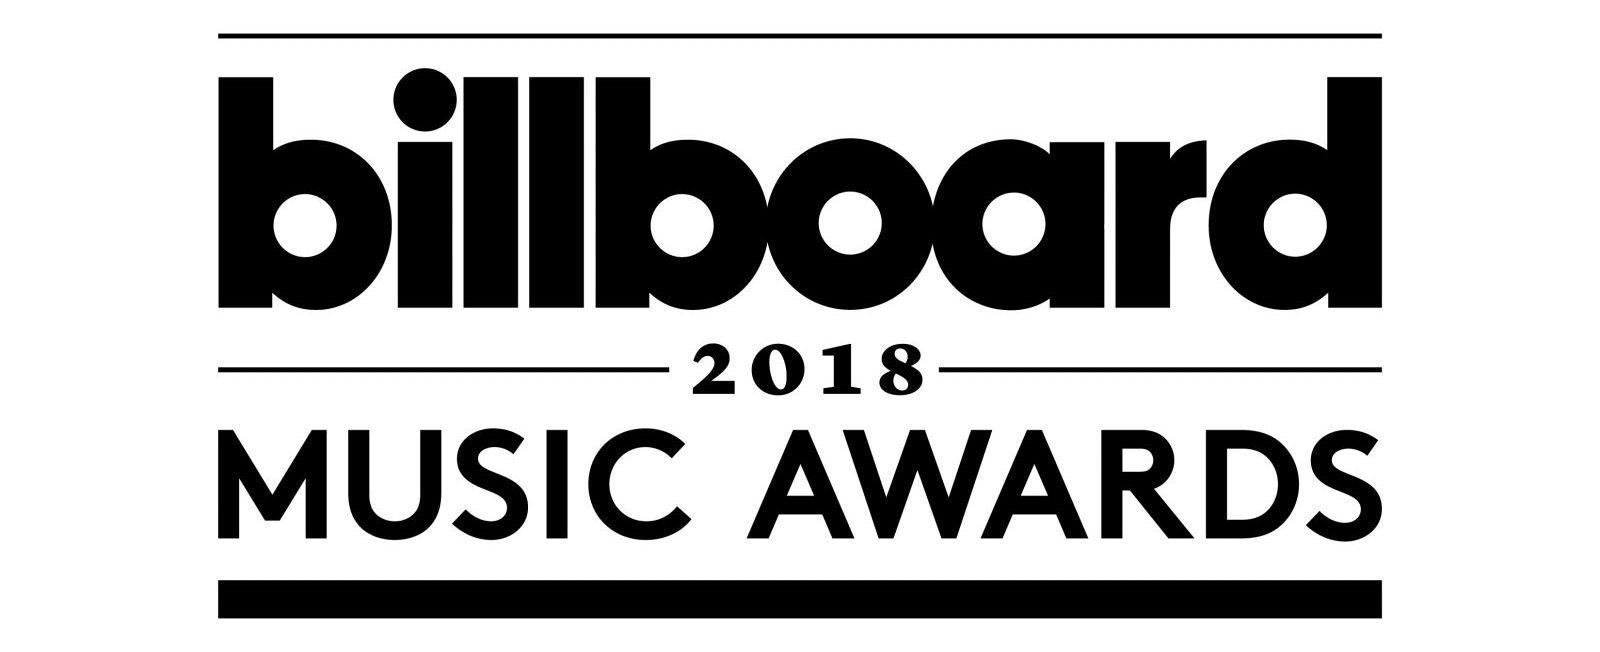 Confira os vencedores do Billboard Music Awards 2018